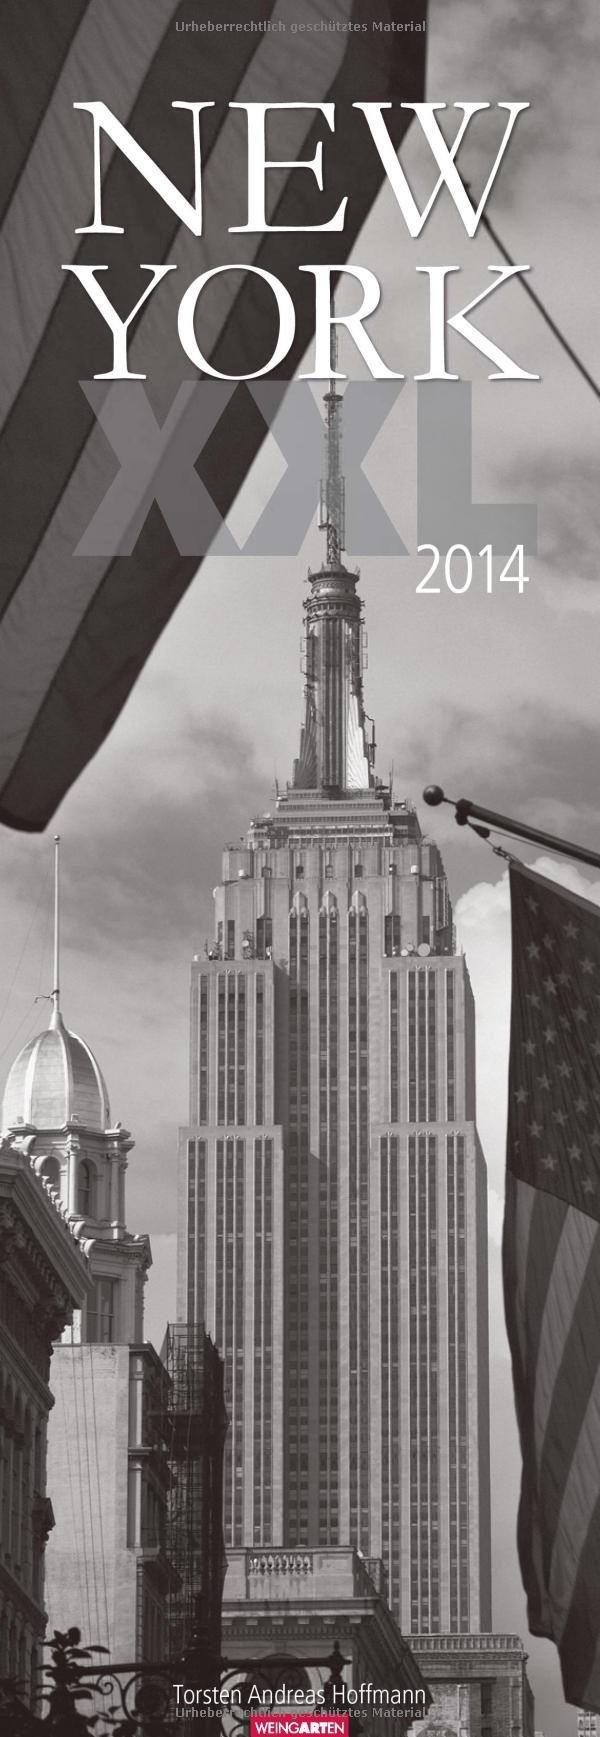 new-york-xxl-2014